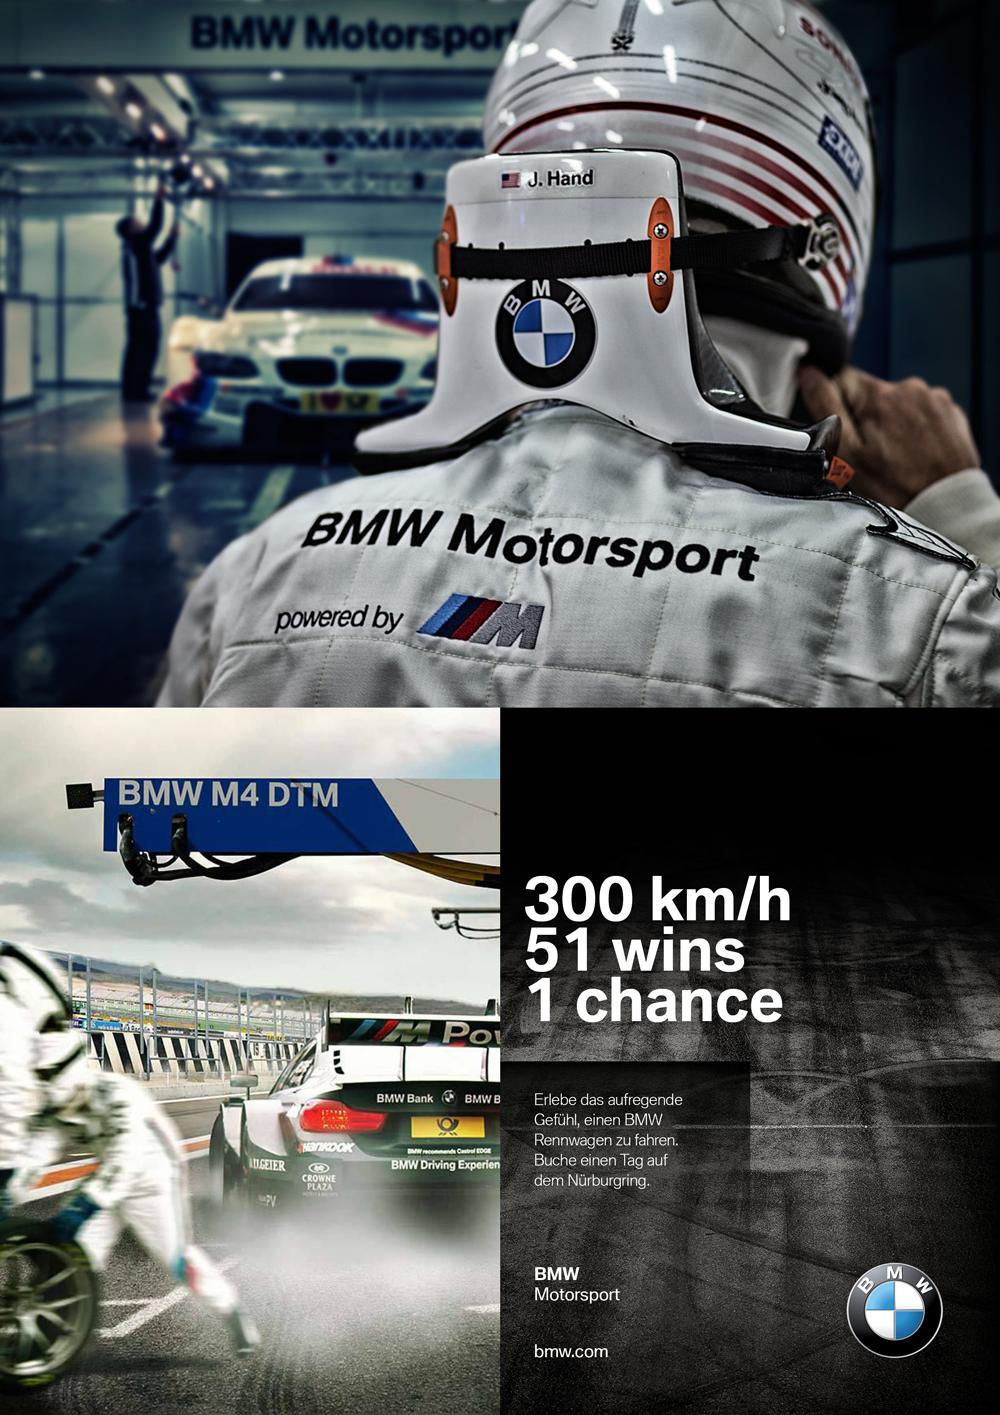 motorsport2.png